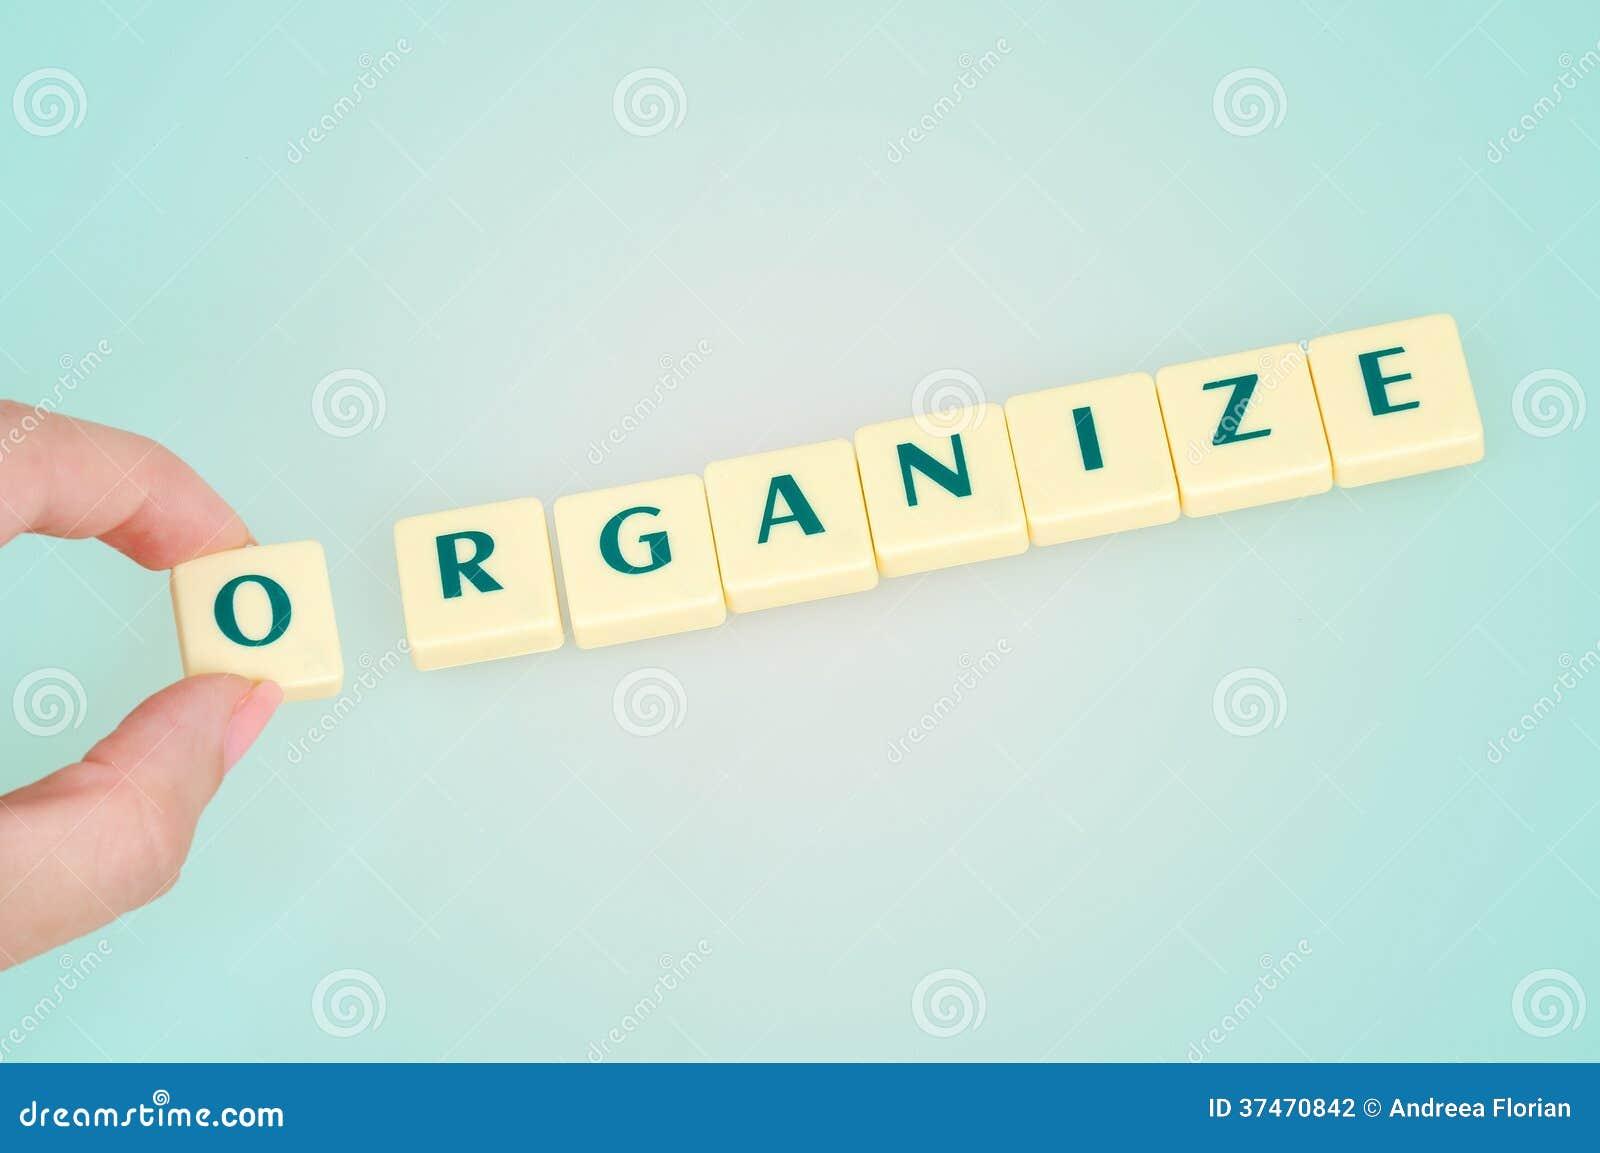 Organizzi la parola